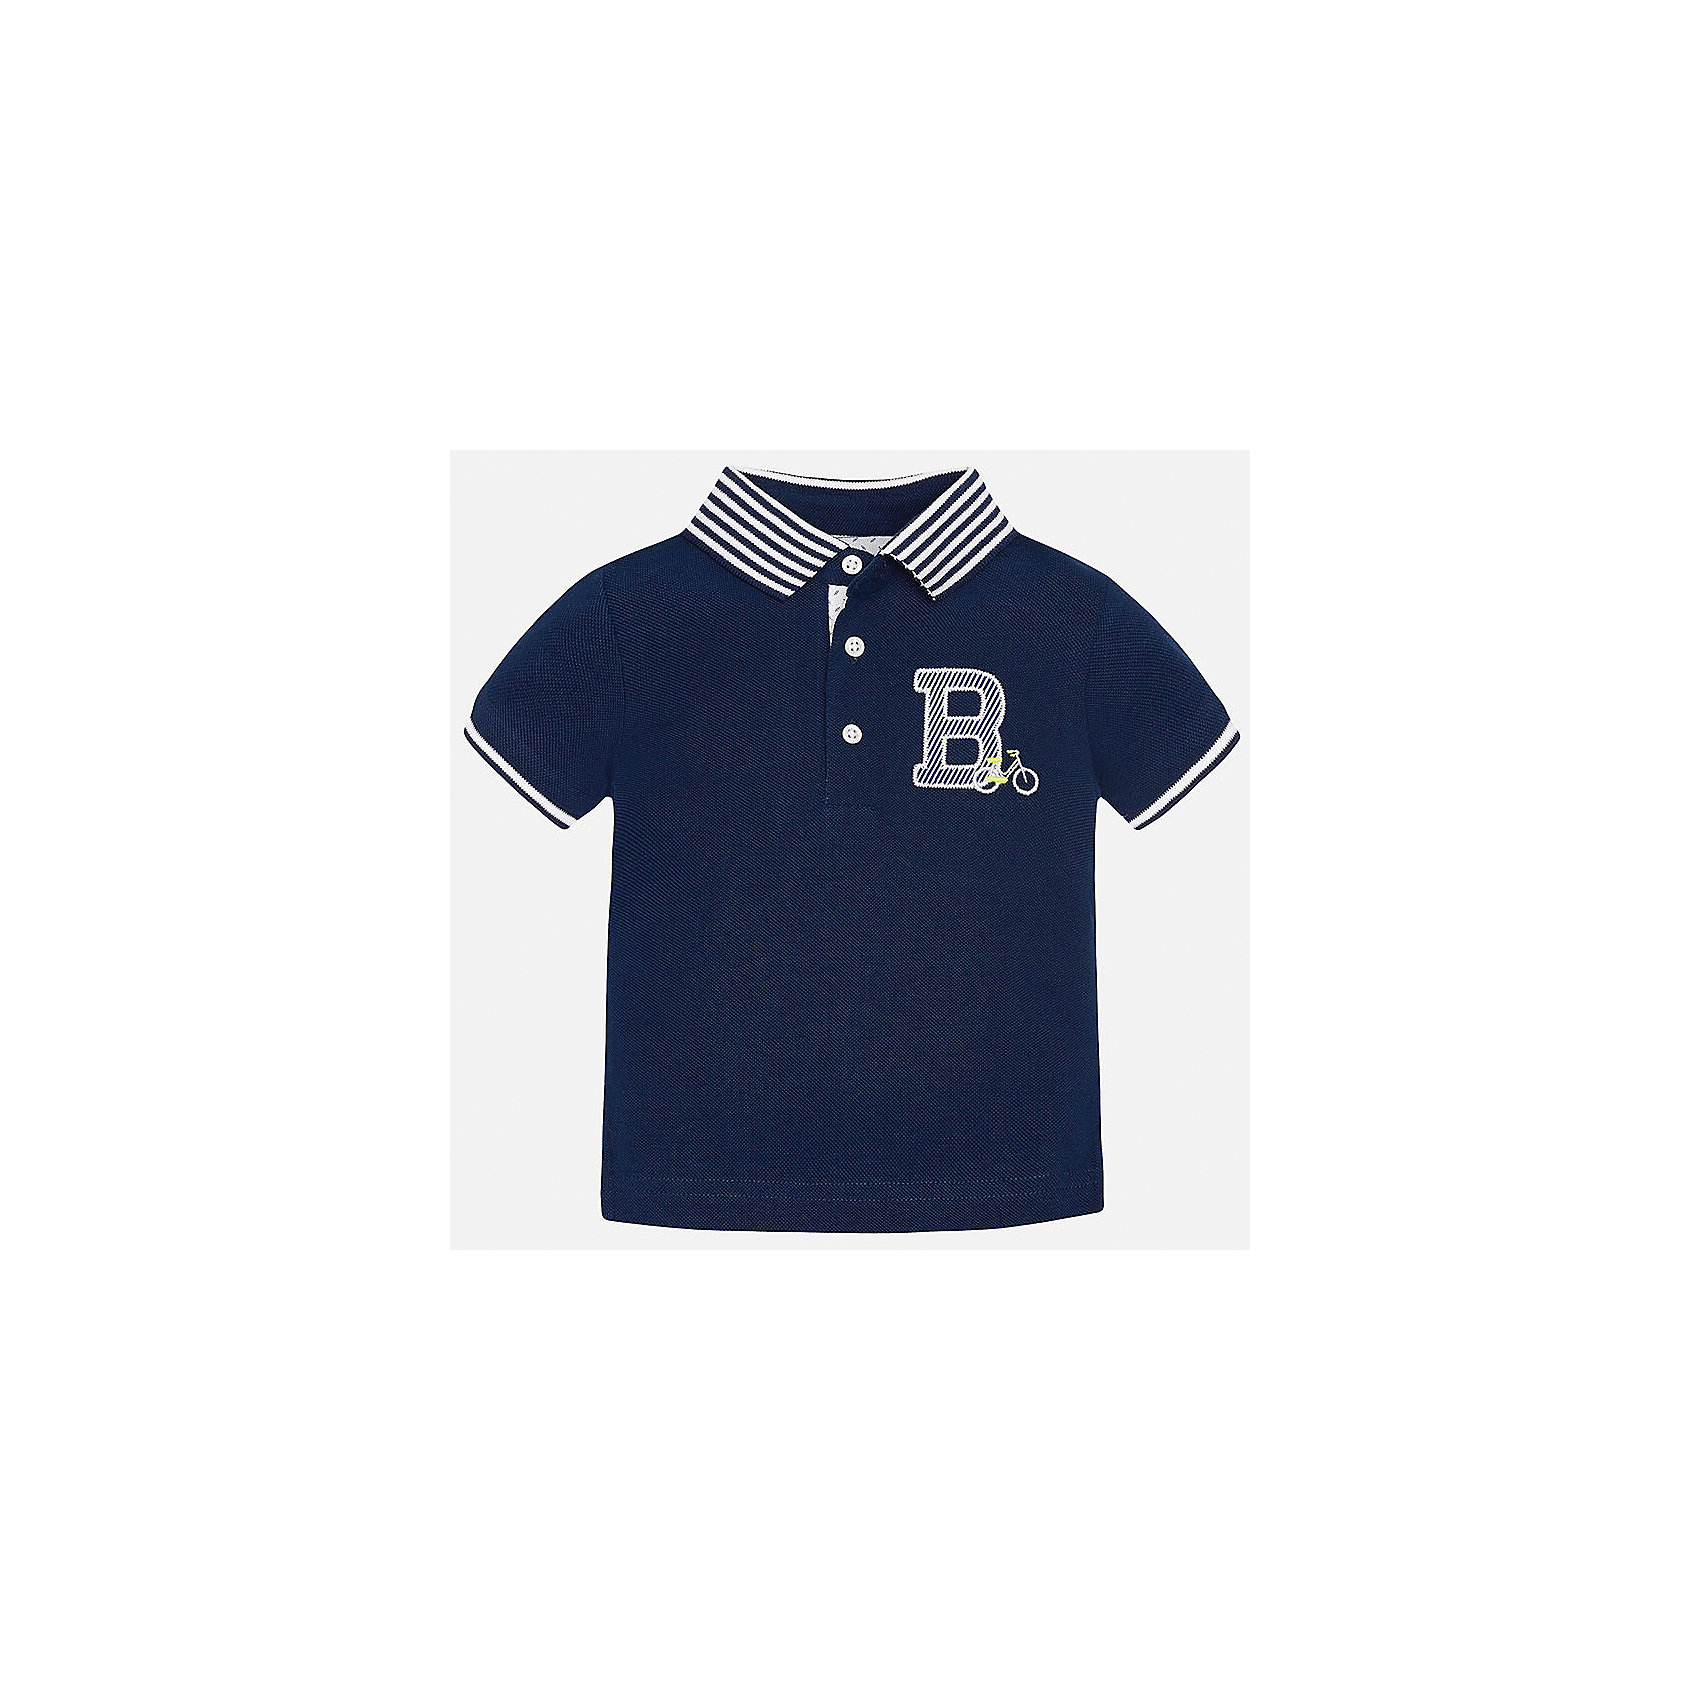 Футболка-поло для мальчика MayoralФутболки, топы<br>Характеристики товара:<br><br>• цвет: темно-синий<br>• состав: 100% хлопок<br>• отложной воротник<br>• короткие рукава<br>• застежка: пуговицы<br>• декорирована вышивкой<br>• страна бренда: Испания<br><br>Футболка-поло для мальчика может стать базовой вещью в гардеробе ребенка. Она отлично сочетается с брюками, шортами, джинсами и т.д. Универсальный крой и цвет позволяет подобрать к вещи низ разных расцветок. Практичное и стильное изделие! В составе материала - только натуральный хлопок, гипоаллергенный, приятный на ощупь, дышащий.<br><br>Одежда, обувь и аксессуары от испанского бренда Mayoral полюбились детям и взрослым по всему миру. Модели этой марки - стильные и удобные. Для их производства используются только безопасные, качественные материалы и фурнитура. Порадуйте ребенка модными и красивыми вещами от Mayoral! <br><br>Футболку-поло для мальчика от испанского бренда Mayoral (Майорал) можно купить в нашем интернет-магазине.<br><br>Ширина мм: 230<br>Глубина мм: 40<br>Высота мм: 220<br>Вес г: 250<br>Цвет: синий<br>Возраст от месяцев: 18<br>Возраст до месяцев: 24<br>Пол: Мужской<br>Возраст: Детский<br>Размер: 92,80,86<br>SKU: 5279414